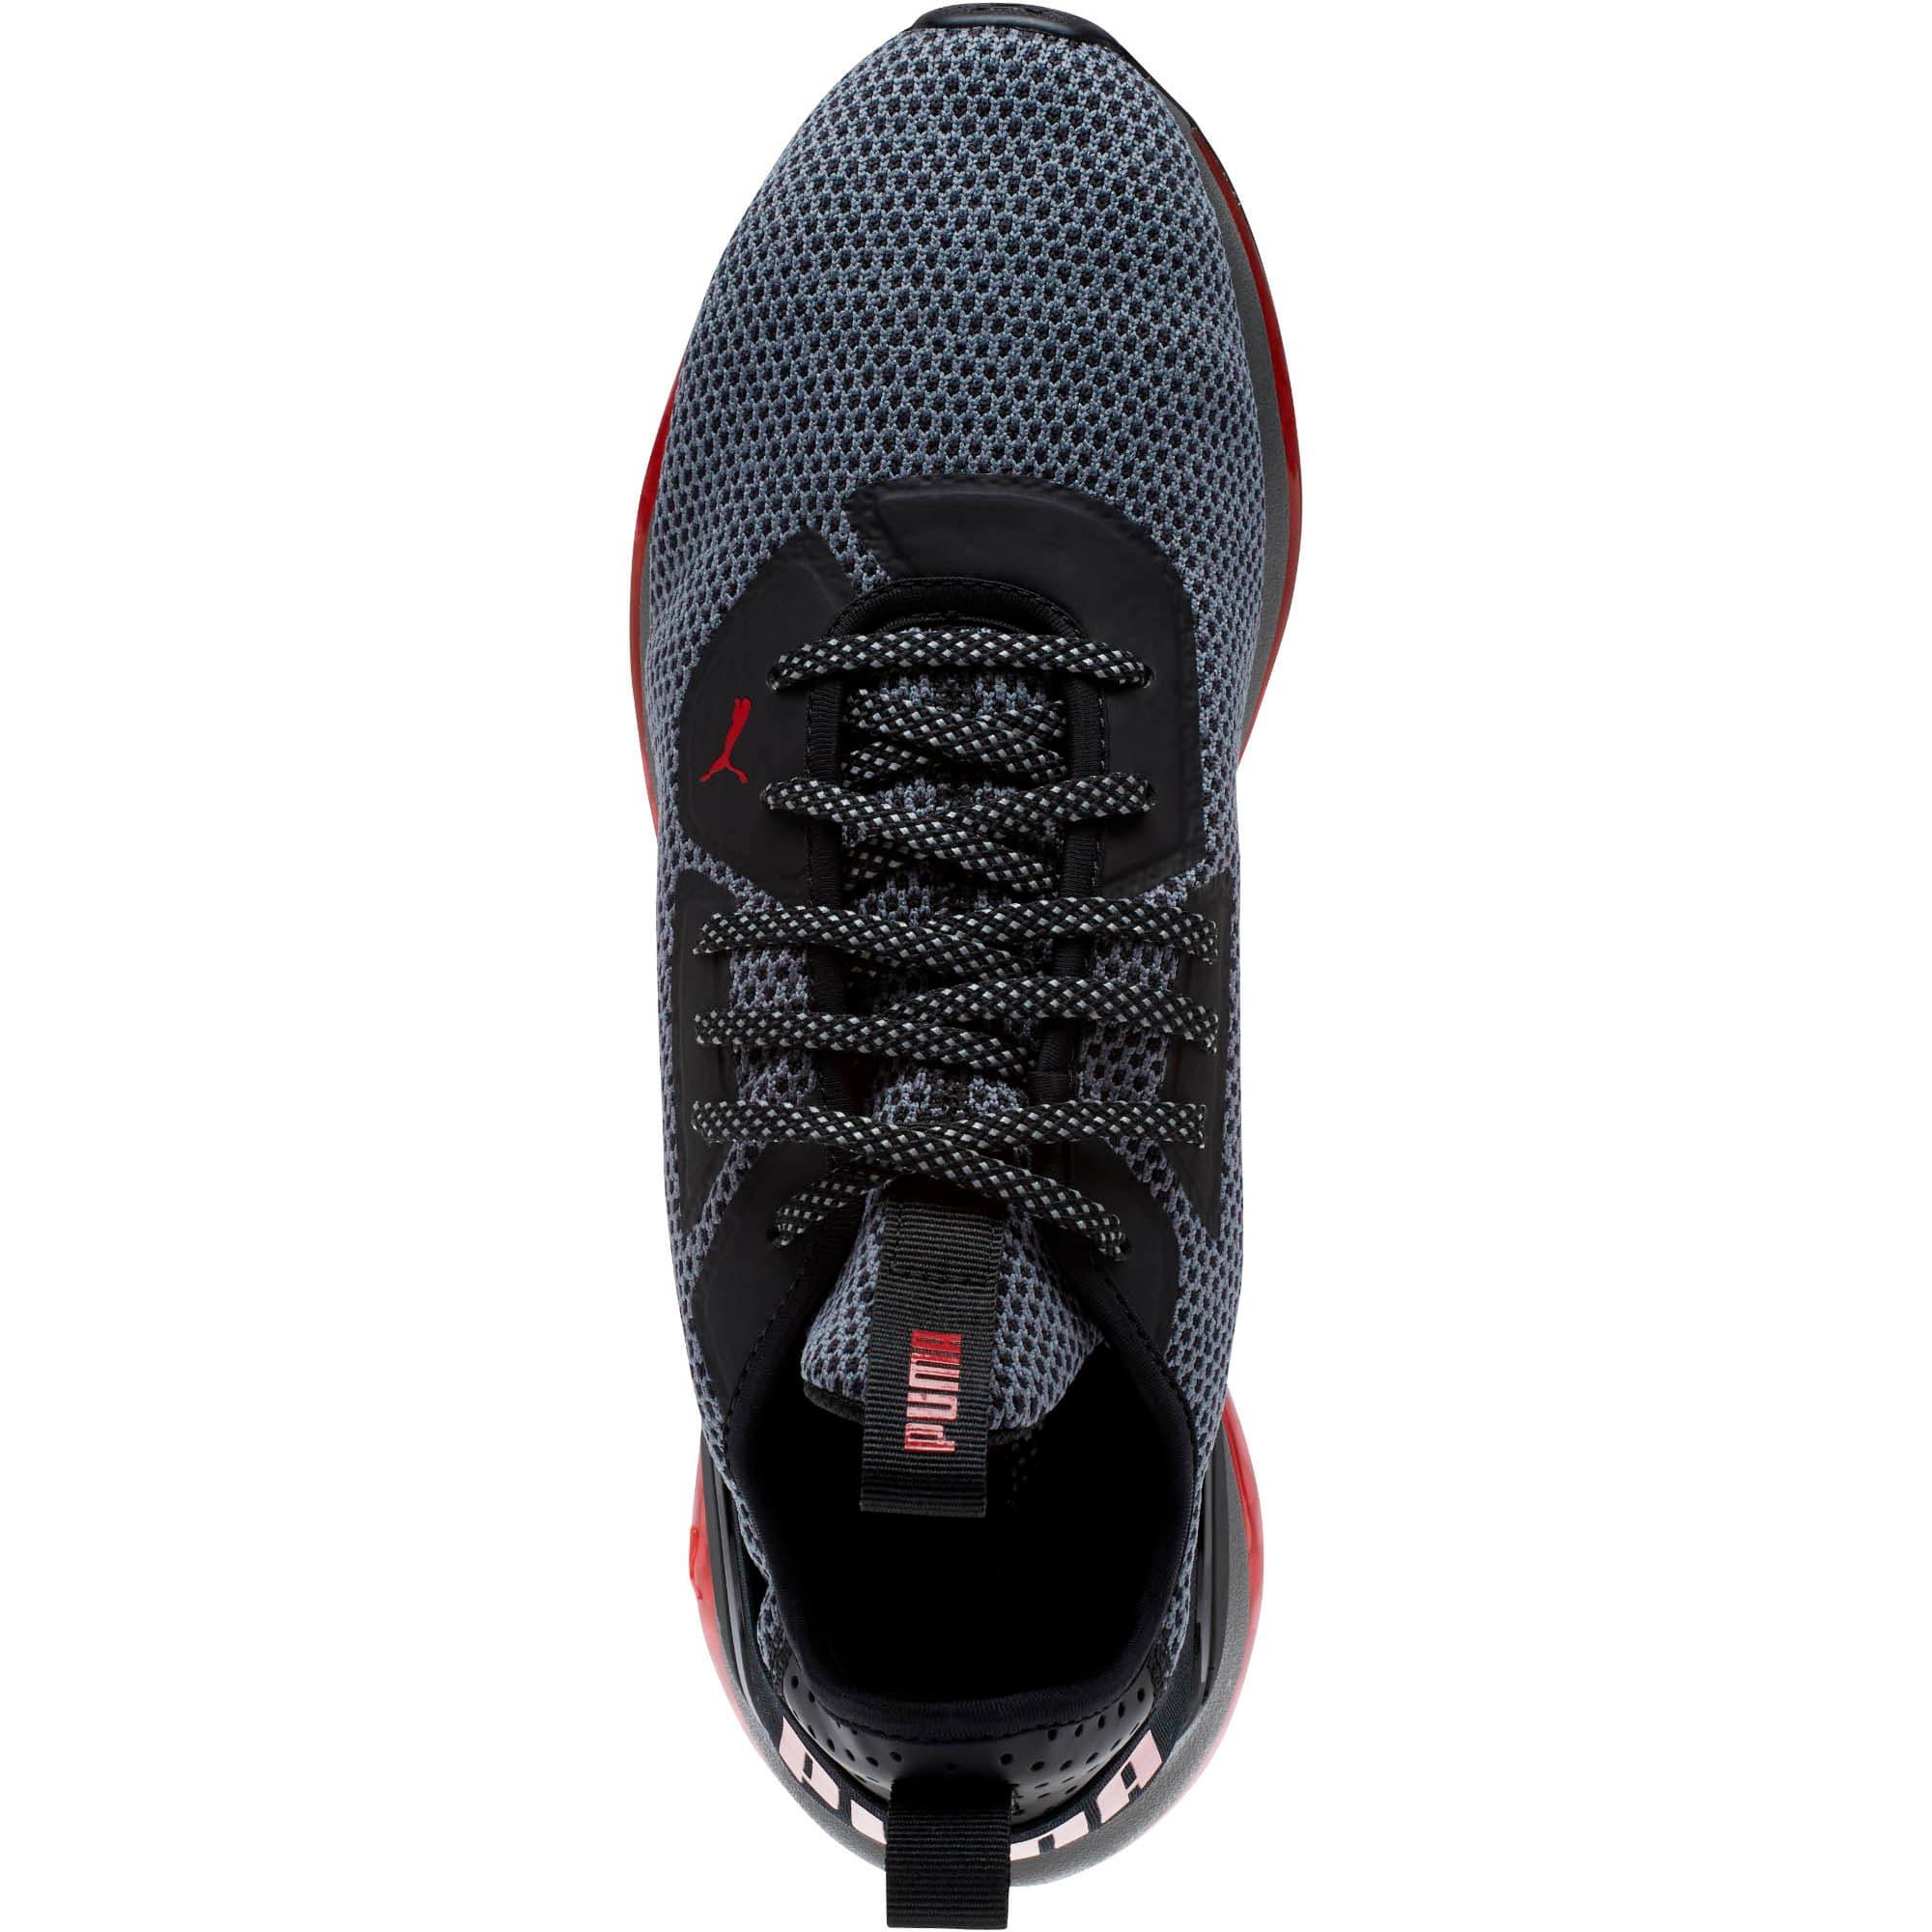 Thumbnail 5 of Cell Descend Men's Running Shoes, Pma Blk-Rbn Rd-Pma Agd Slvr, medium